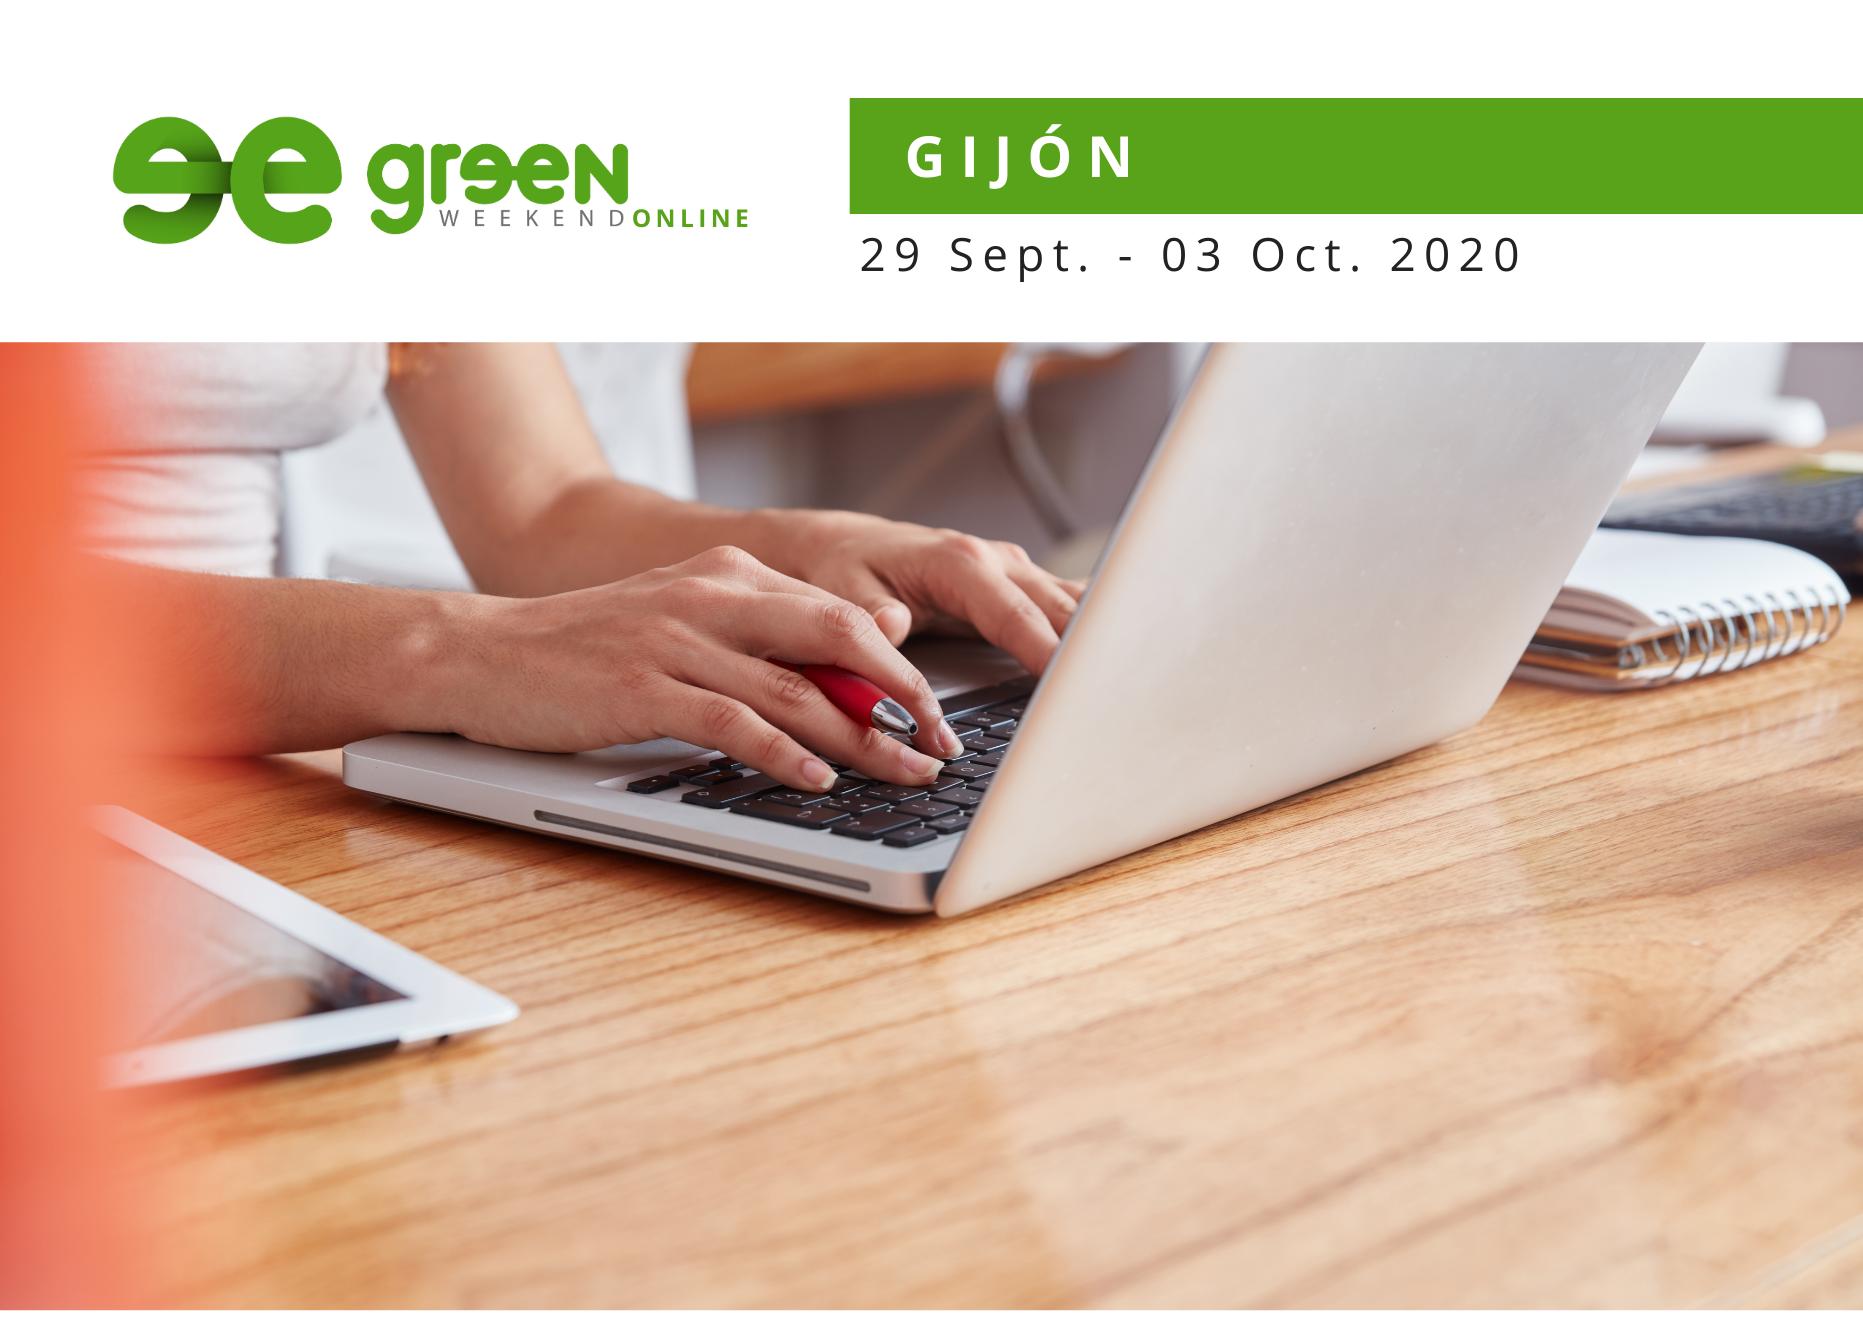 Llega la I Edición de Greenweekend online a Gijón